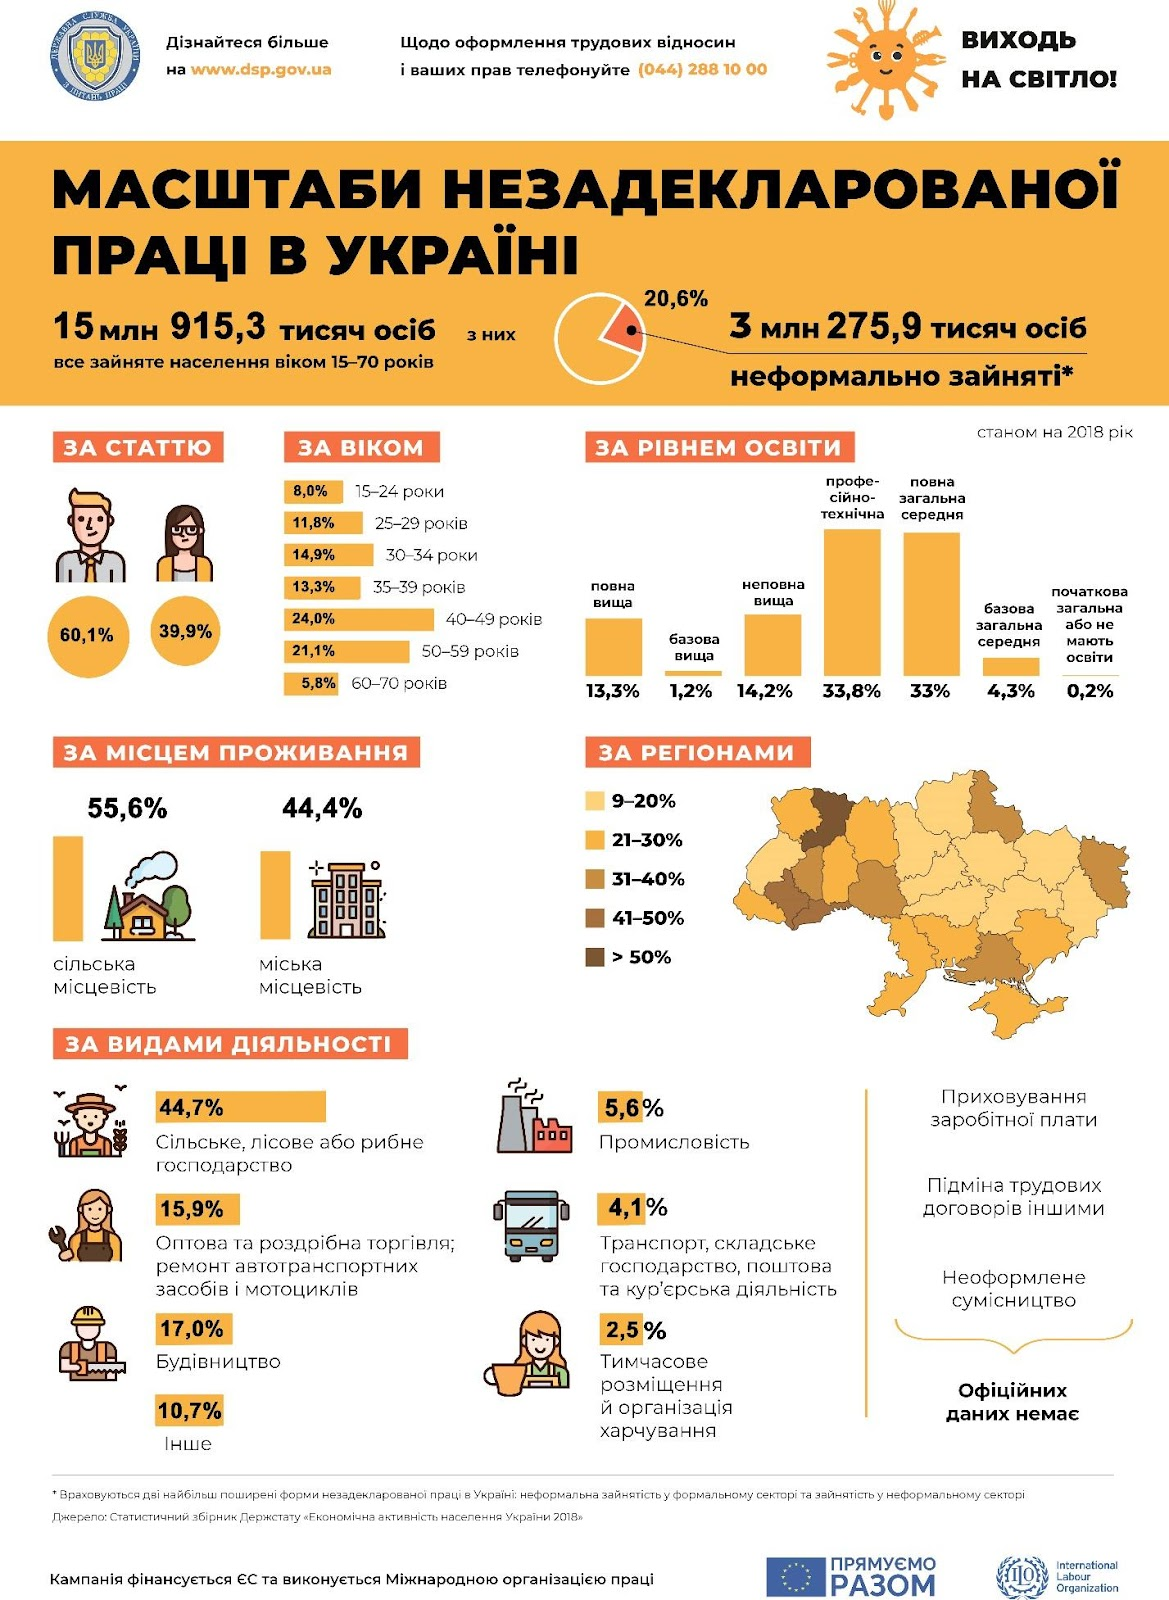 ilo_infographic1_3